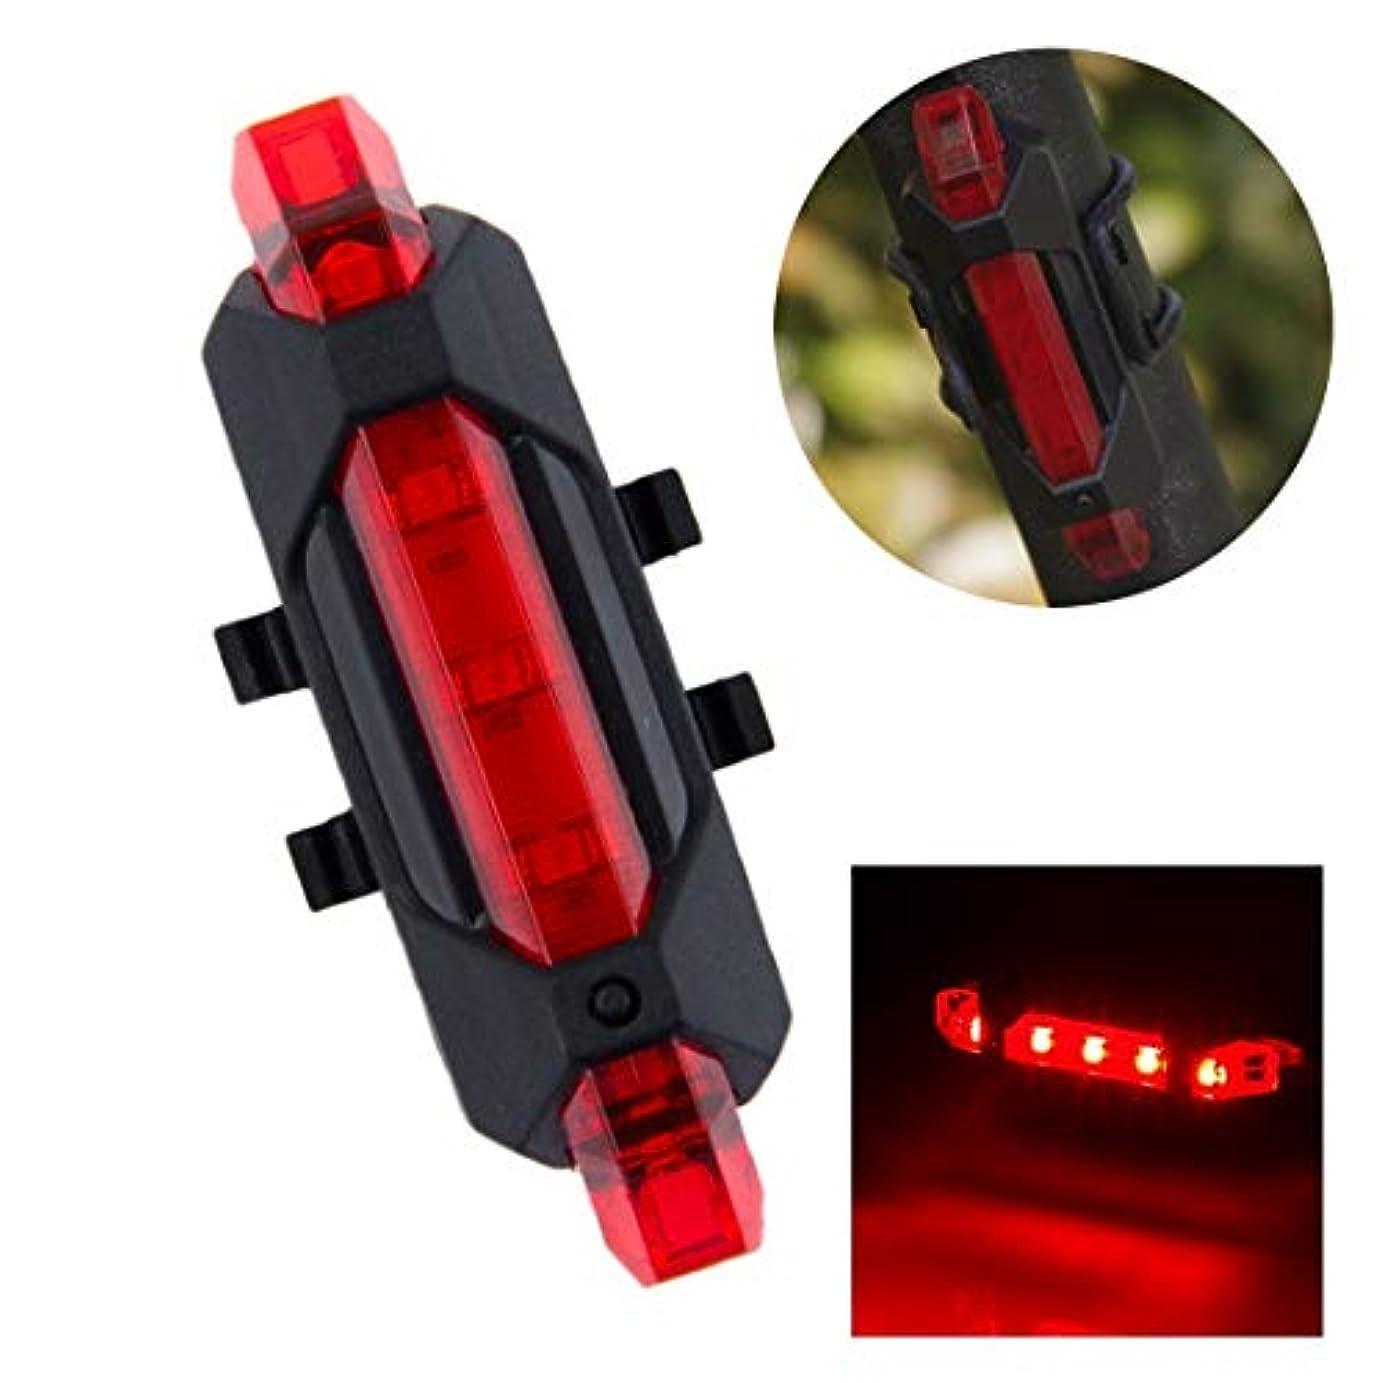 ガイドラインモニカセージUSB充電式LED自転車テールライト (色 : 赤)